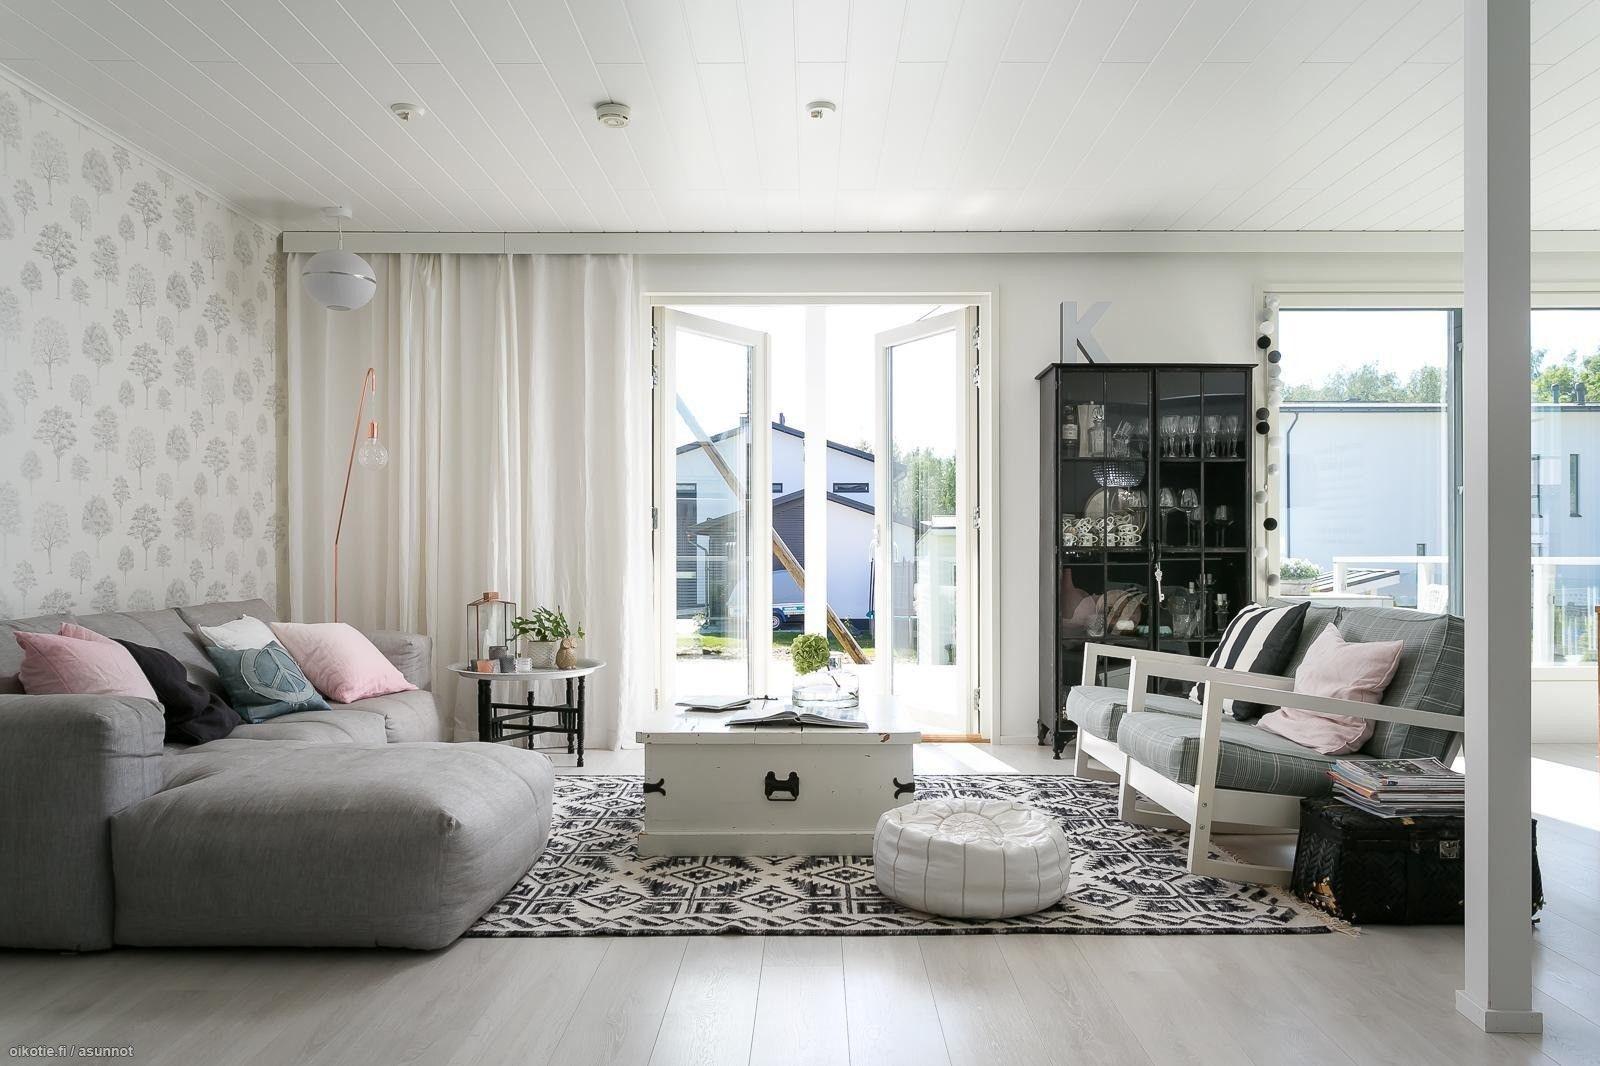 160m² Maakauppiaantie 5, 02780 Espoo Omakotitalo 6h myynnissä | Oikotie 13359888